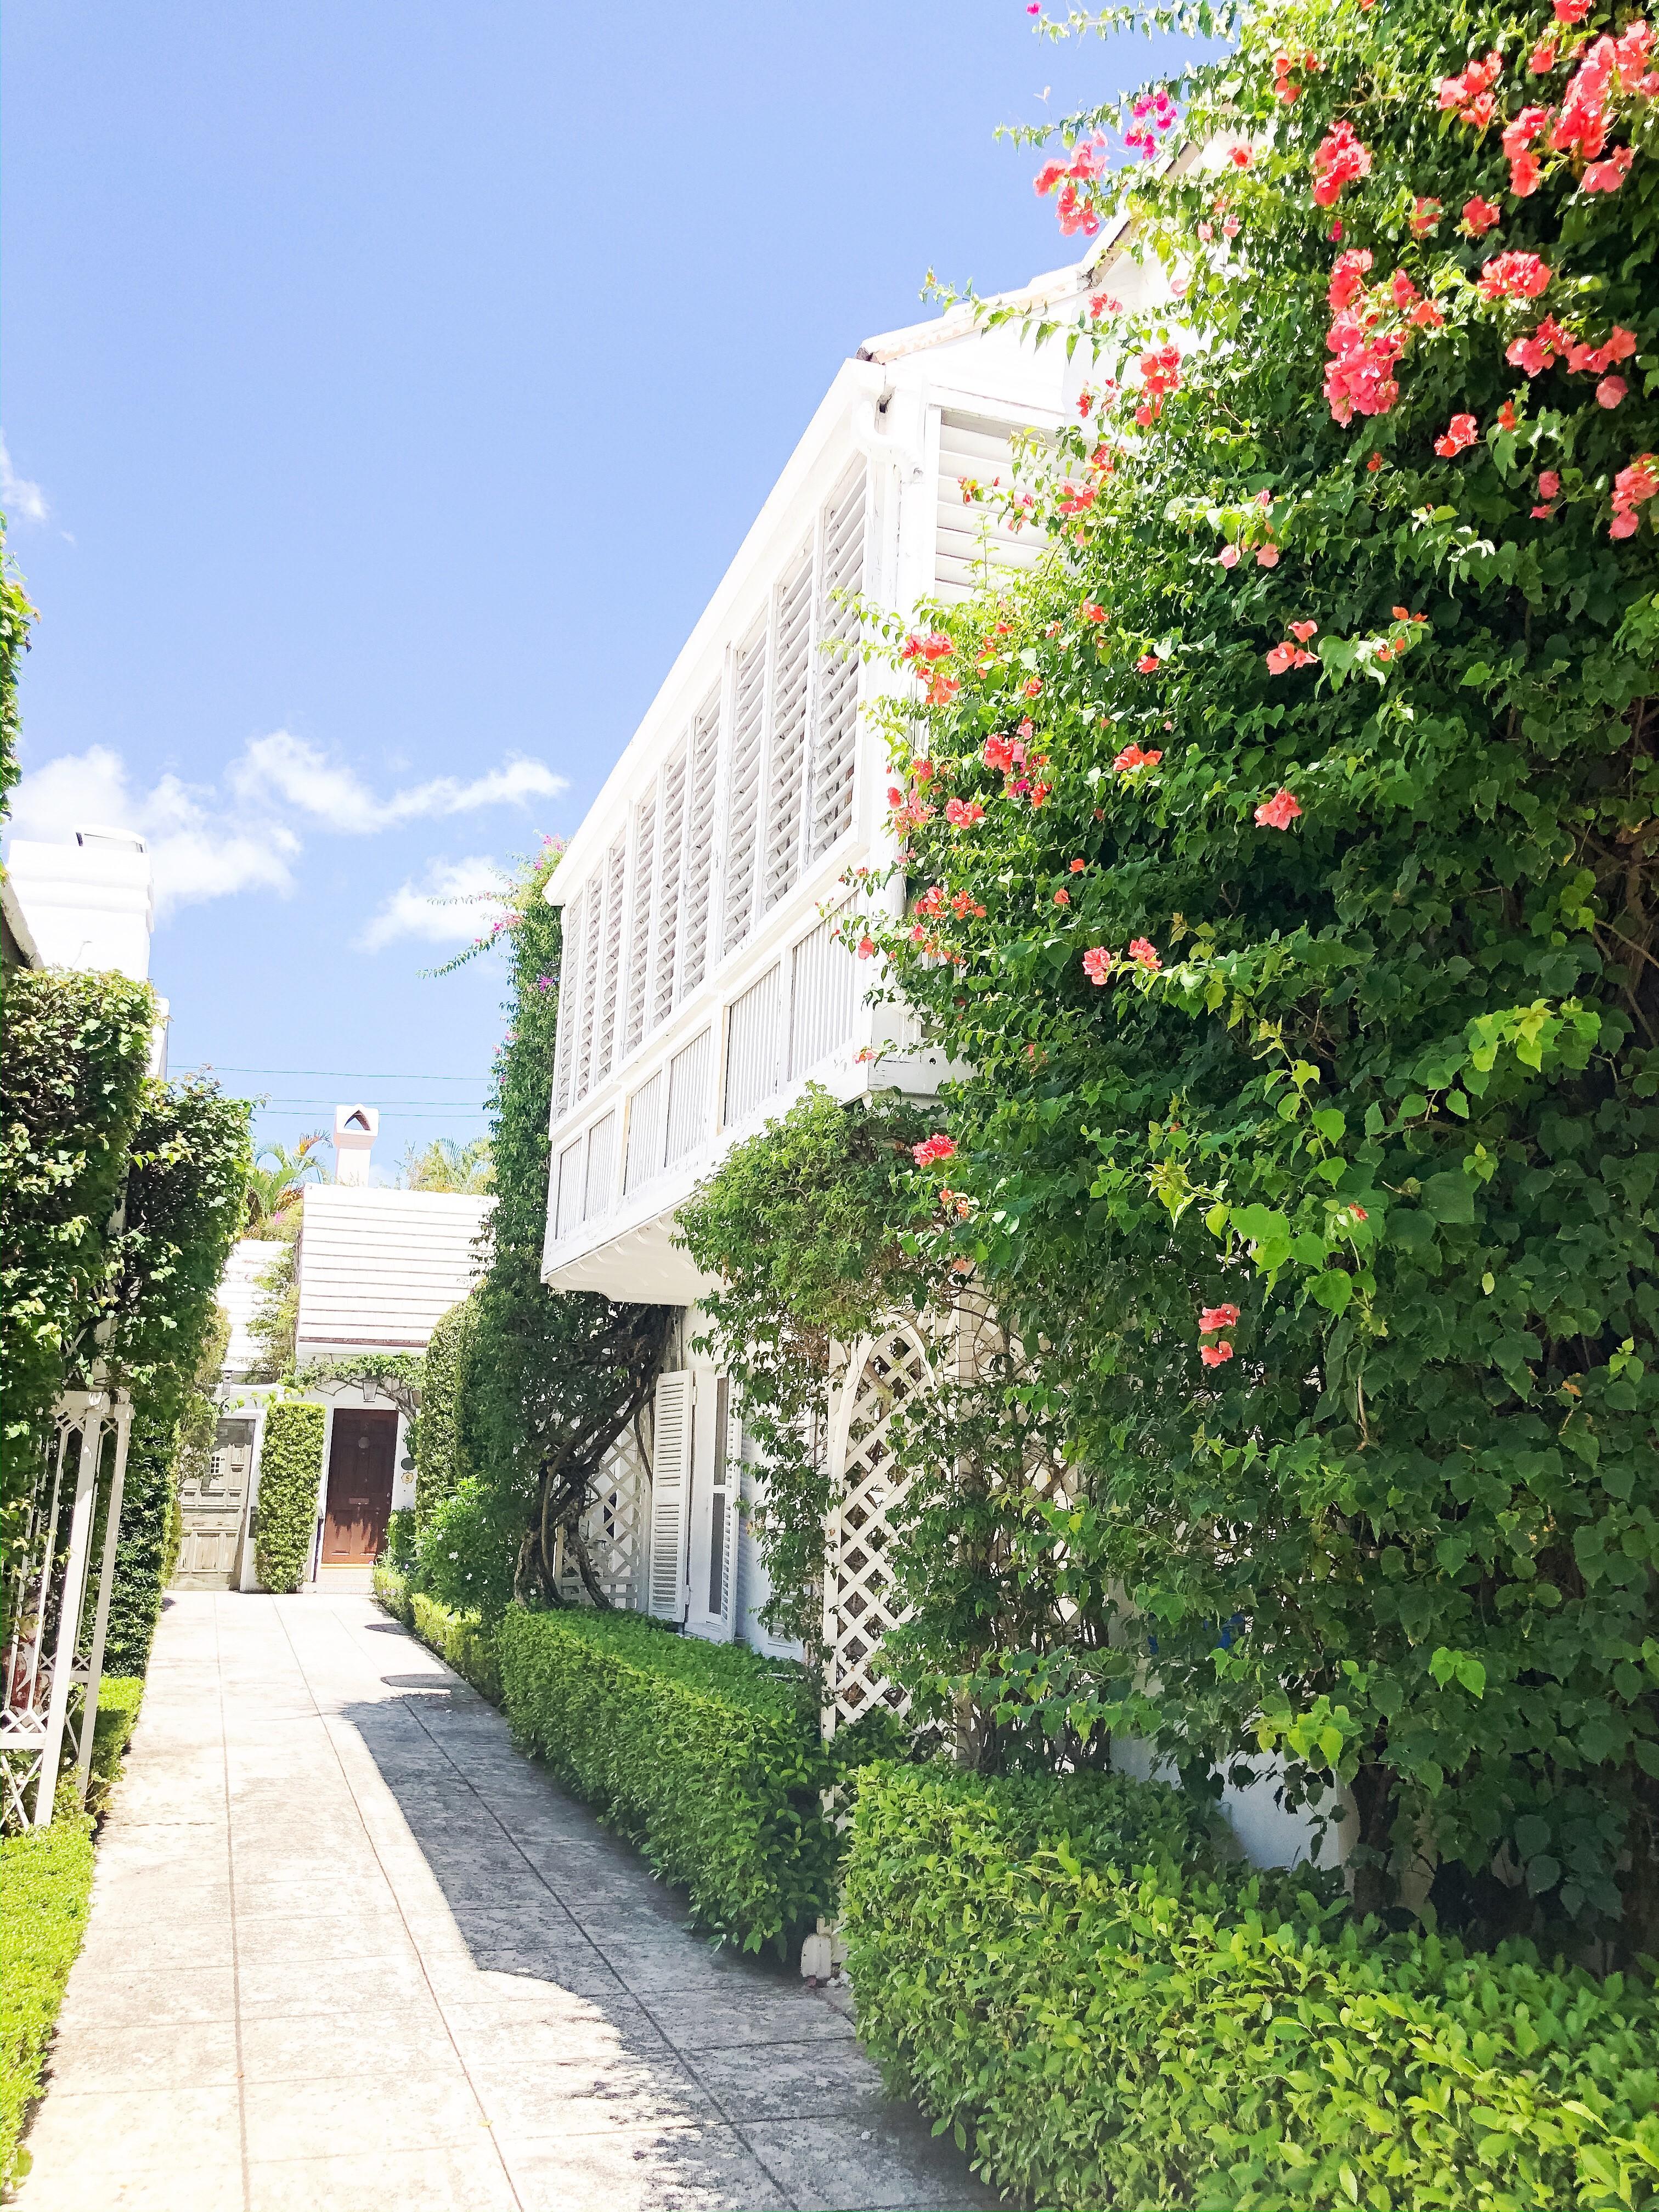 exterior of a home for Sunny List No. 7